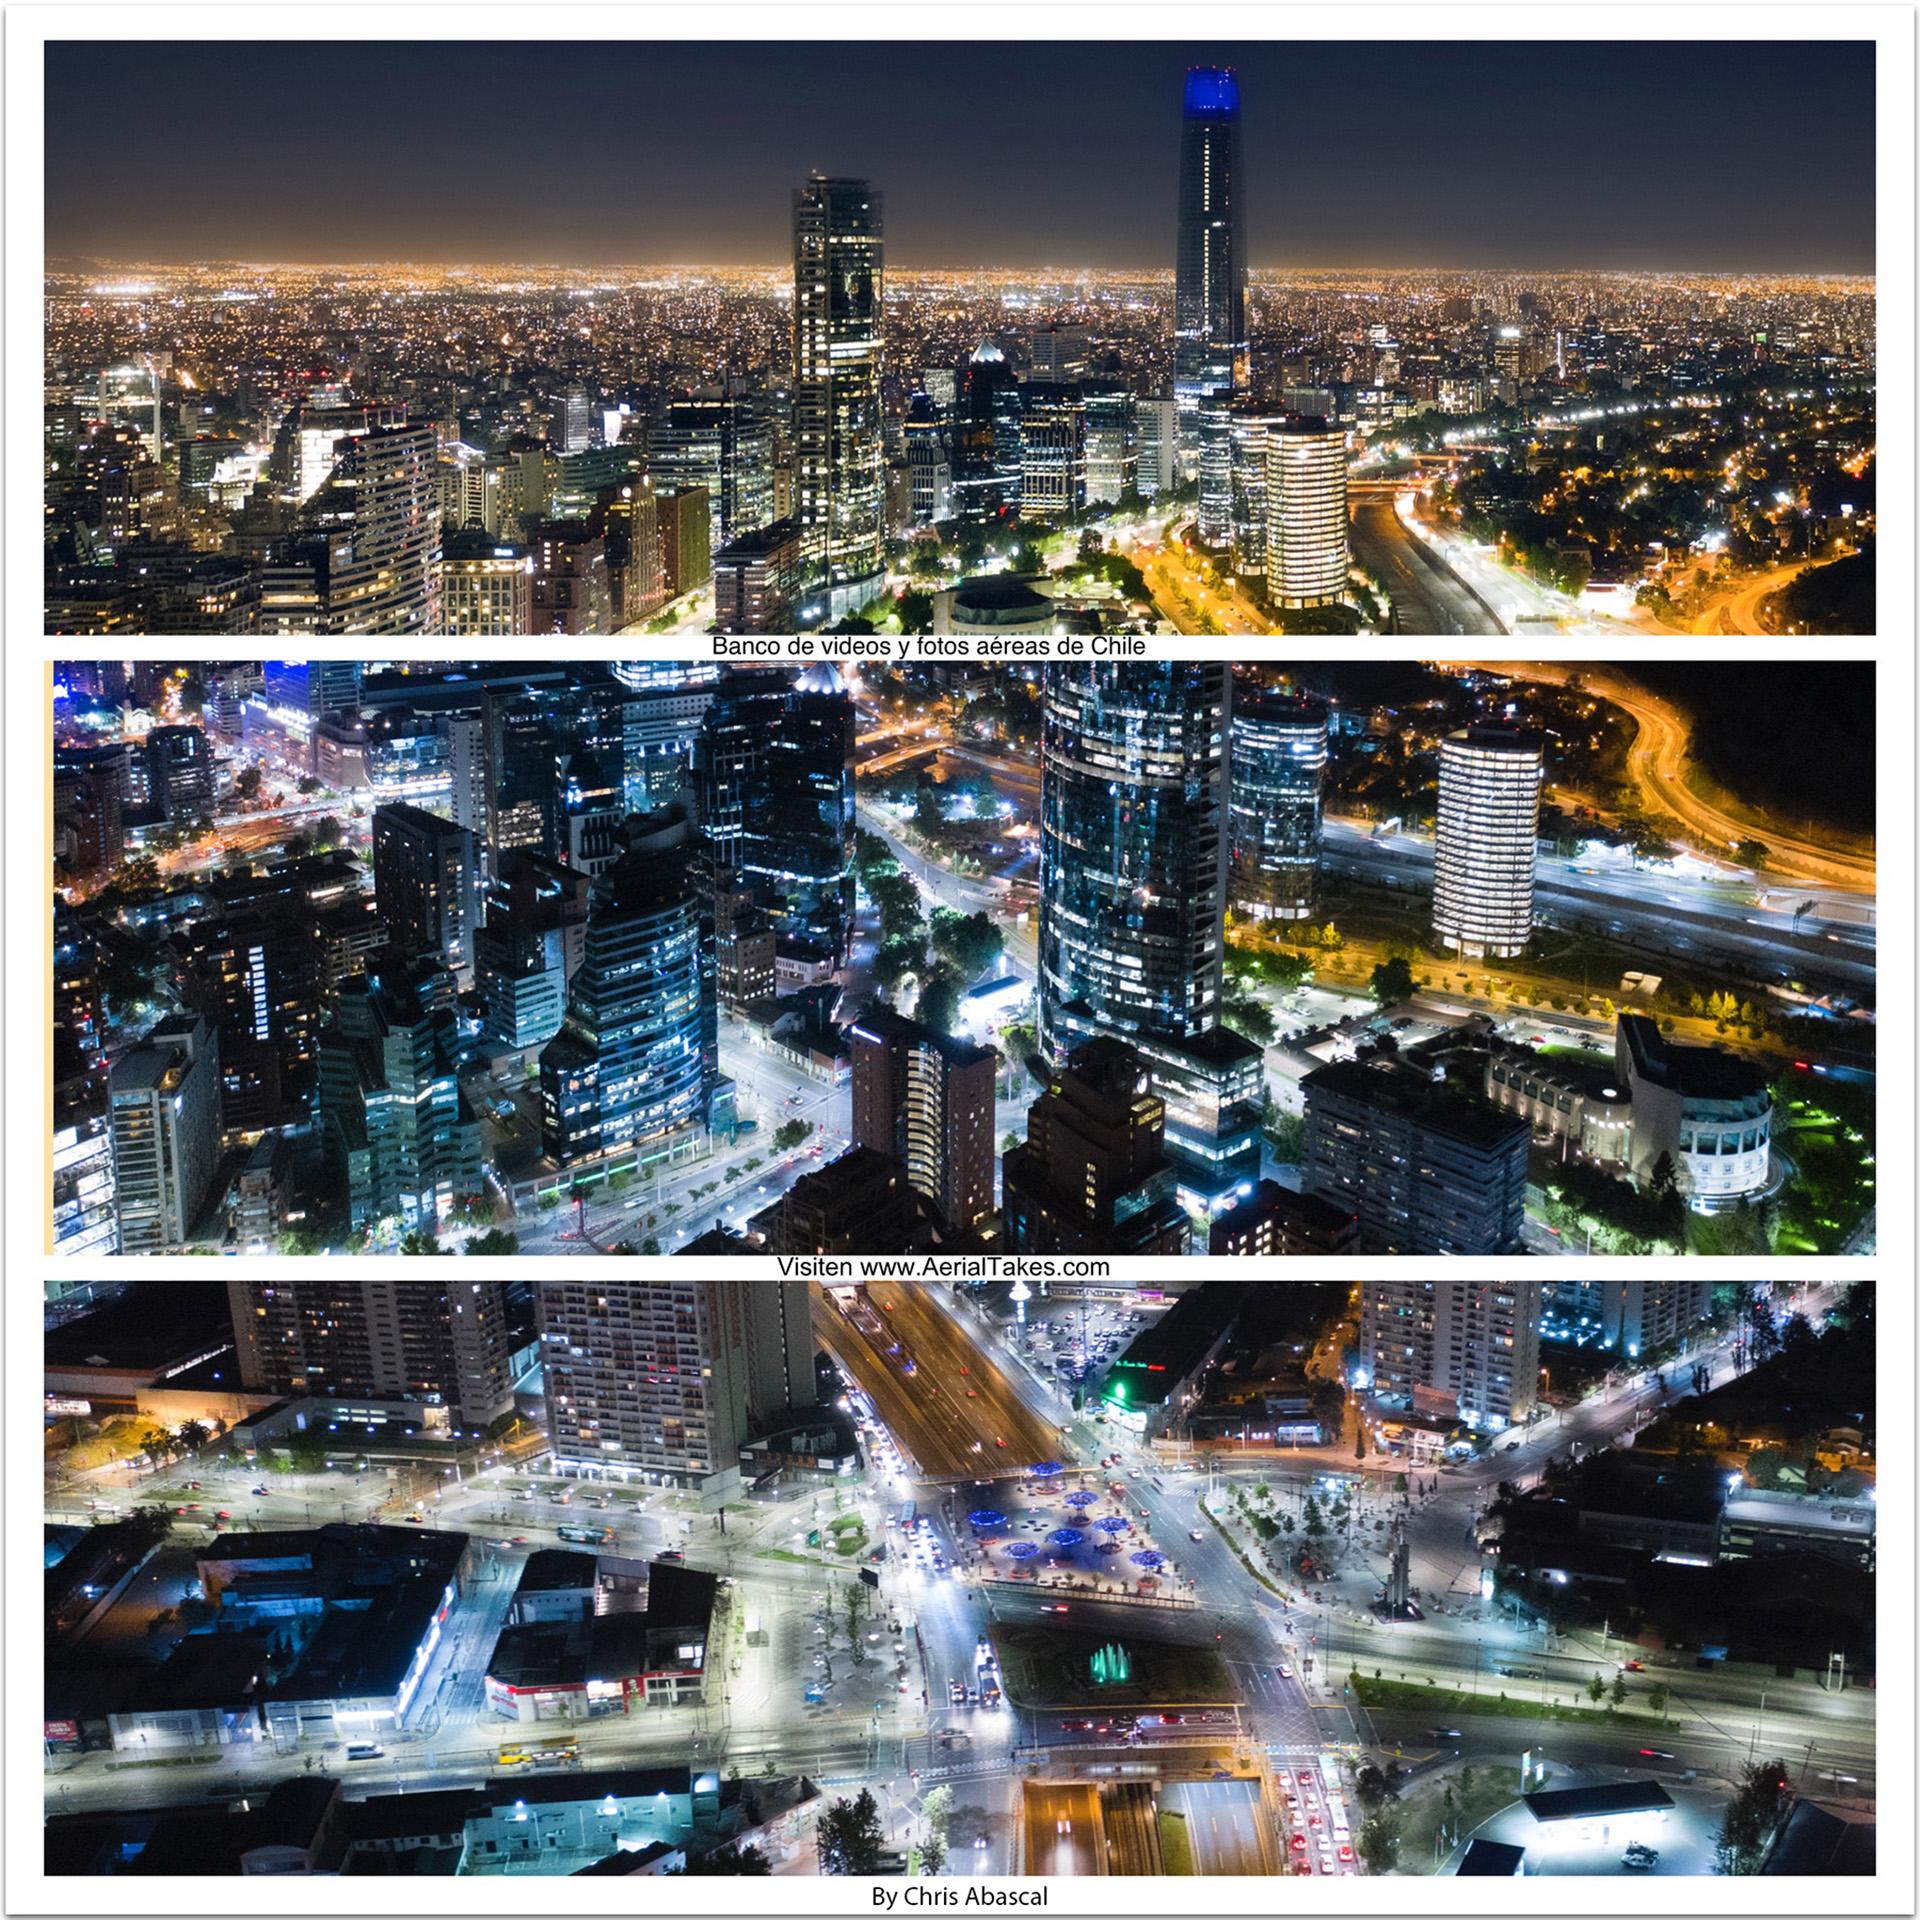 BANCO DE IMAGENES AEREAS - CHILE  (AerialTakes)